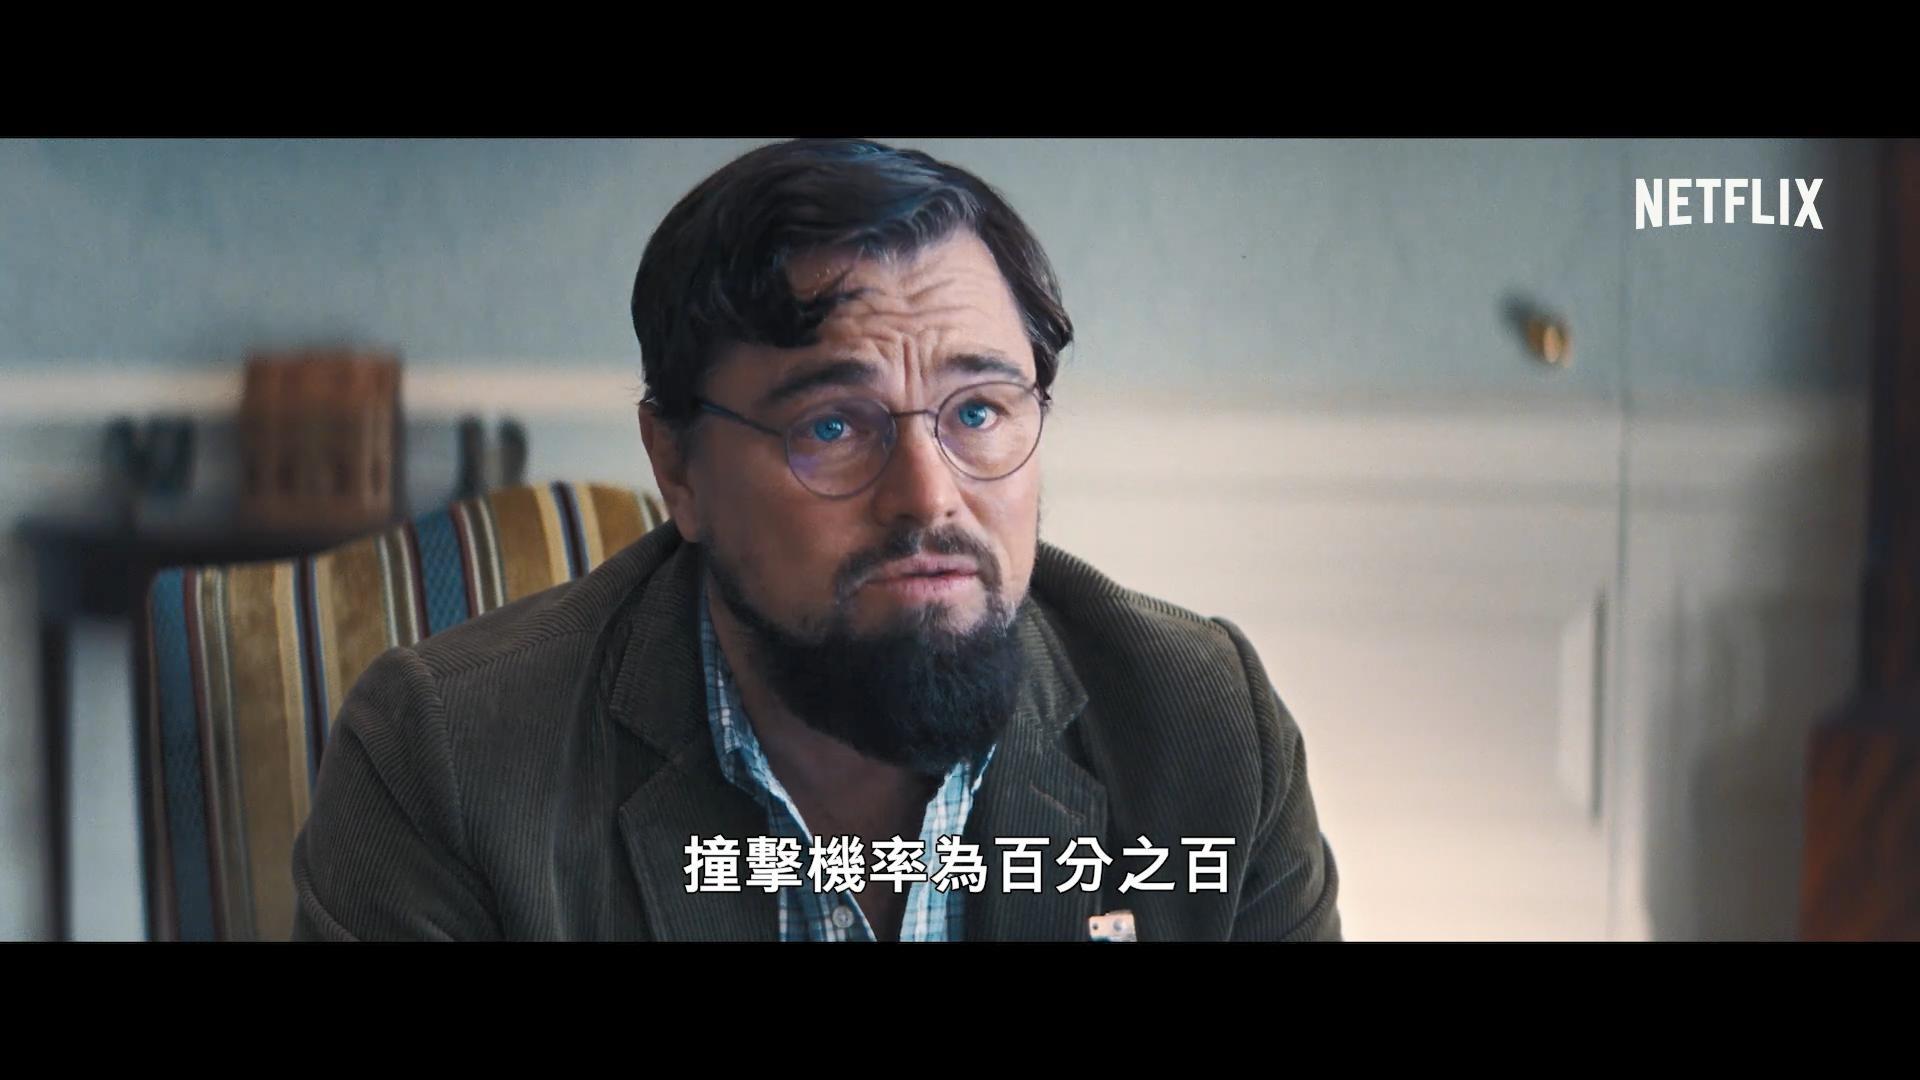 网飞《千万别抬头》中文预告 12月10日院线首映